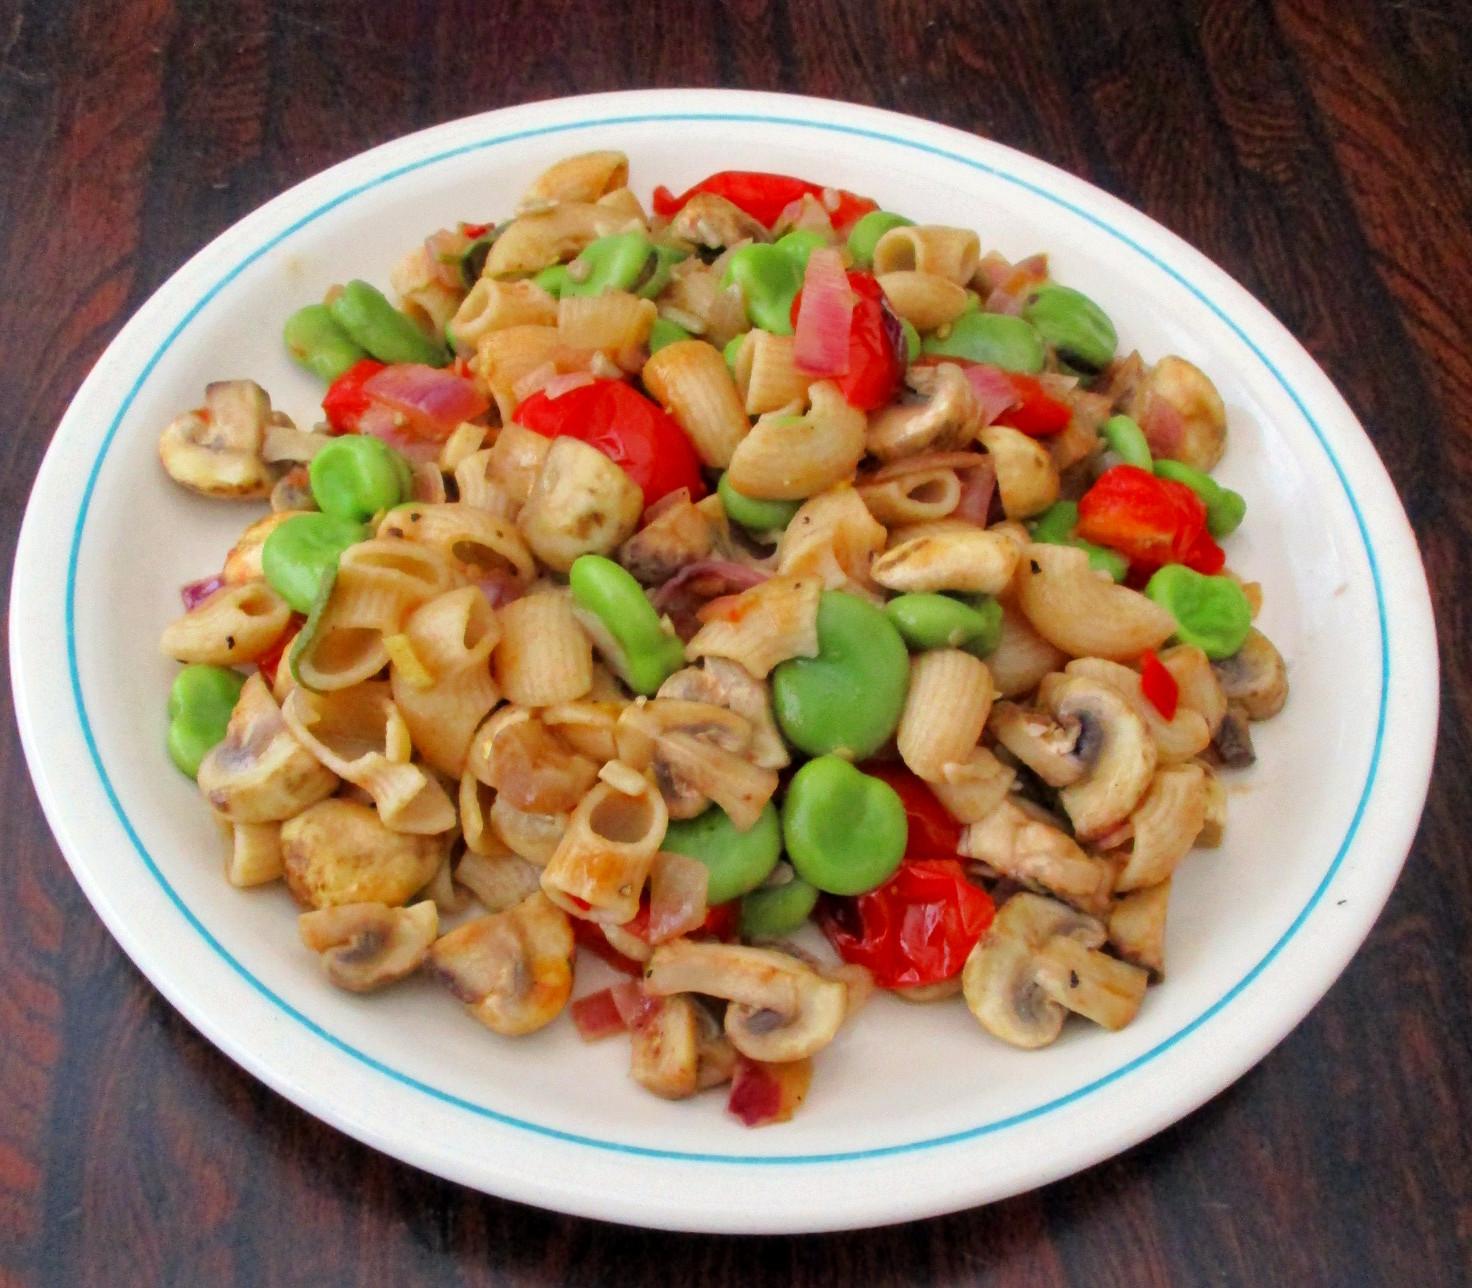 pasta met tuinbonen snelle pasta vegan veganistisch lactosevrij sojavrij